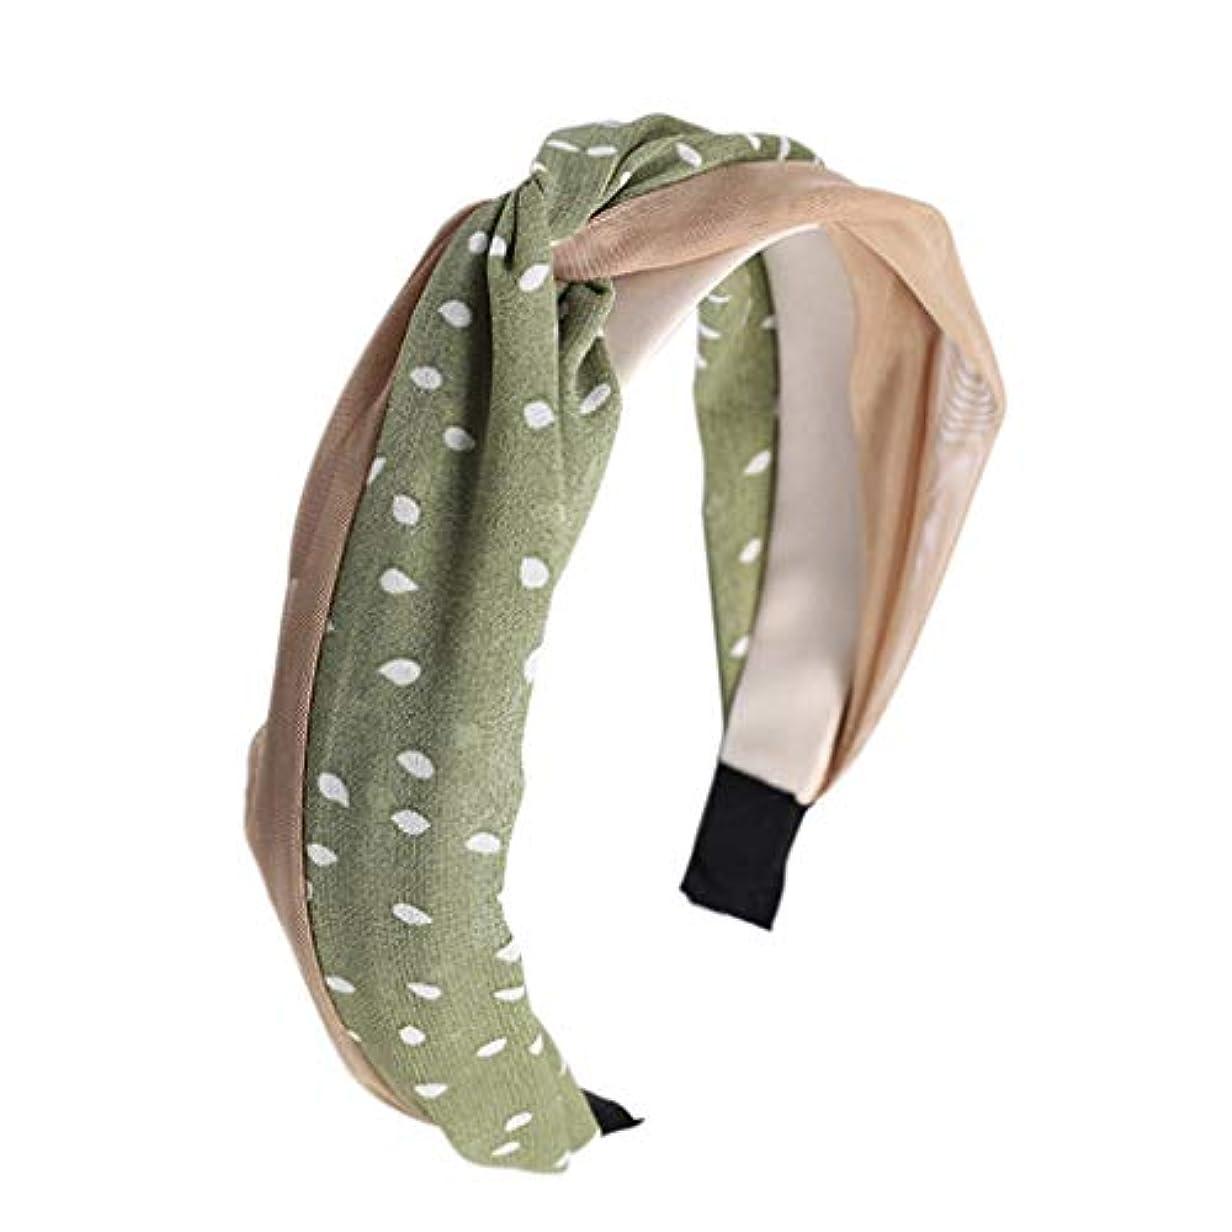 休暇素朴な療法Manyao 韓国風の新鮮な女性のメッシュポルカドットヘッドバンドヴィンテージツイスト結び目ワイヤーヘアフープ (緑)